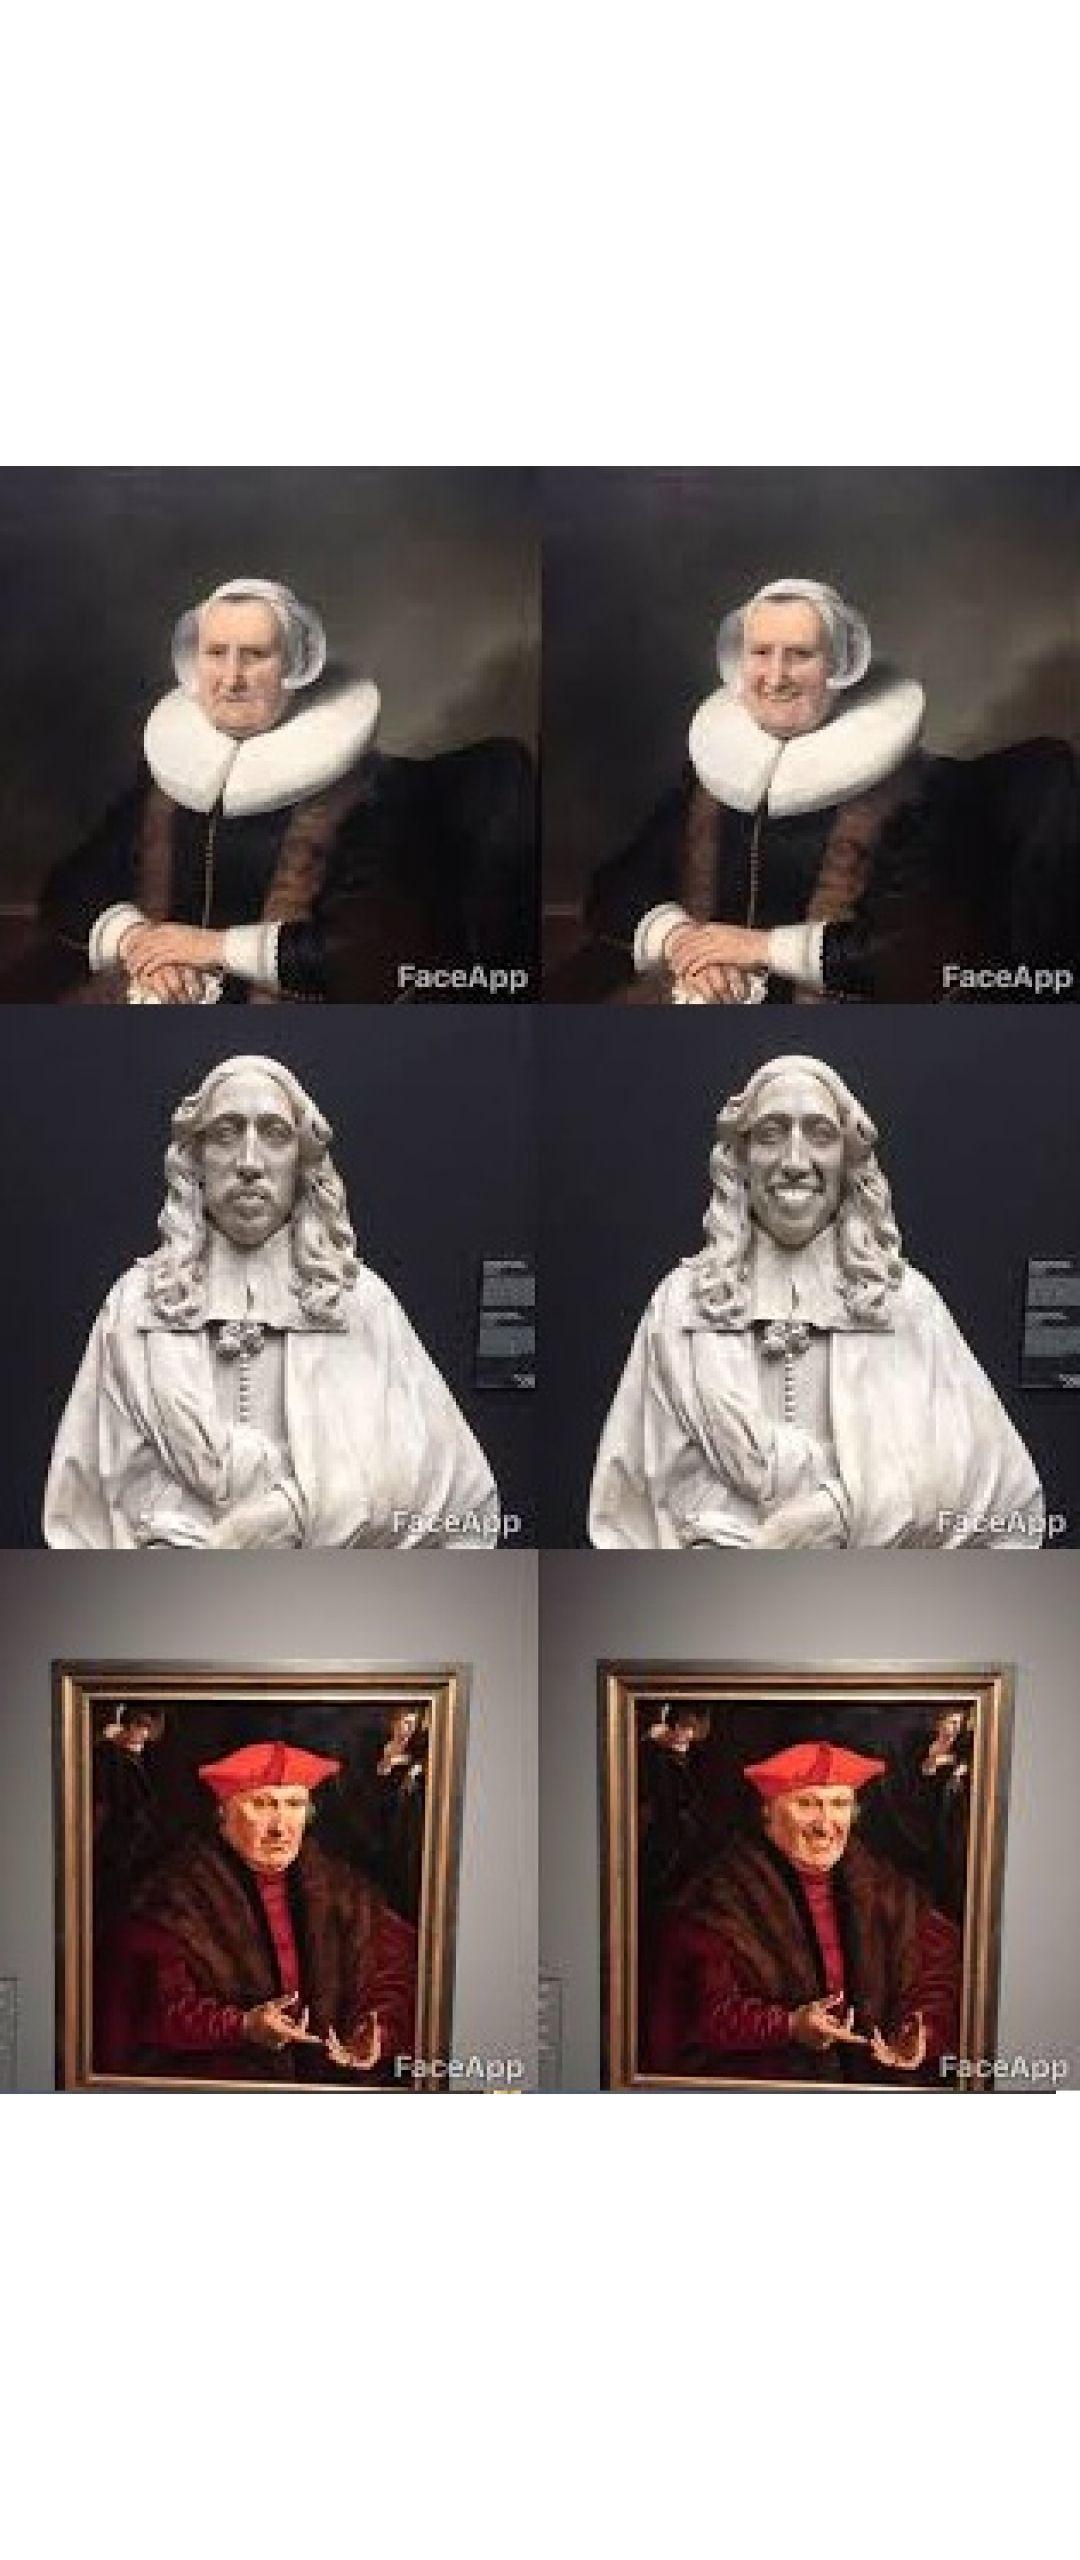 Este es el mejor uso que se le puede dar a FaceApp: Sonrisas en obras de arte